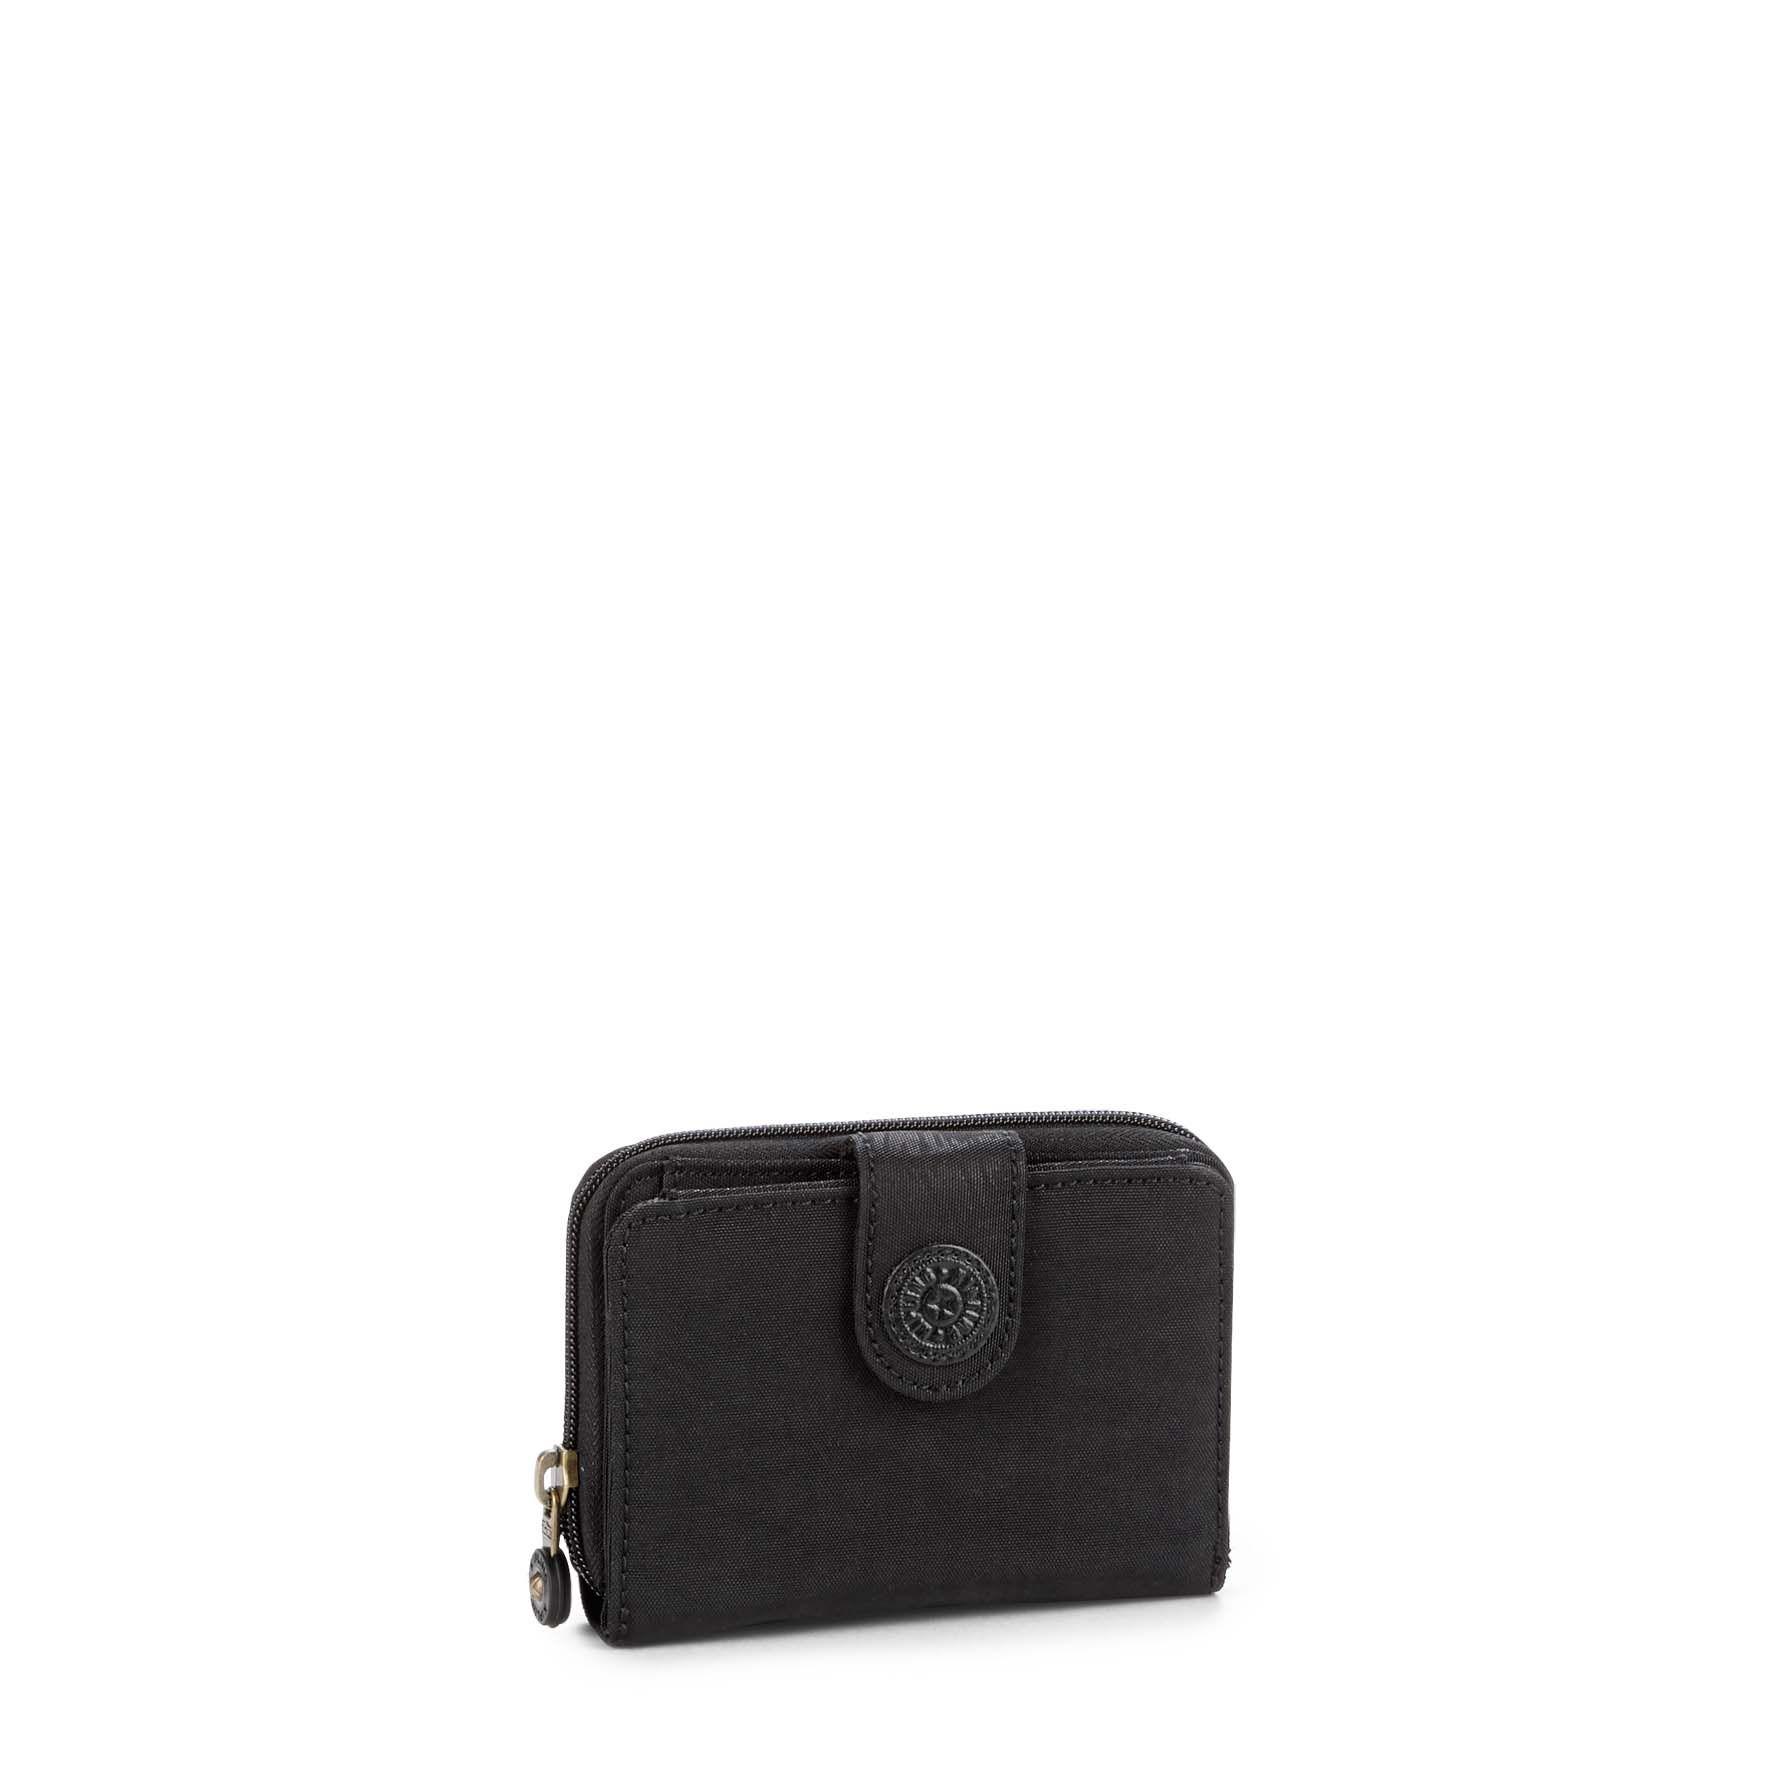 ארנק בינוני New Money - Black Leafהדפס עלים שחור